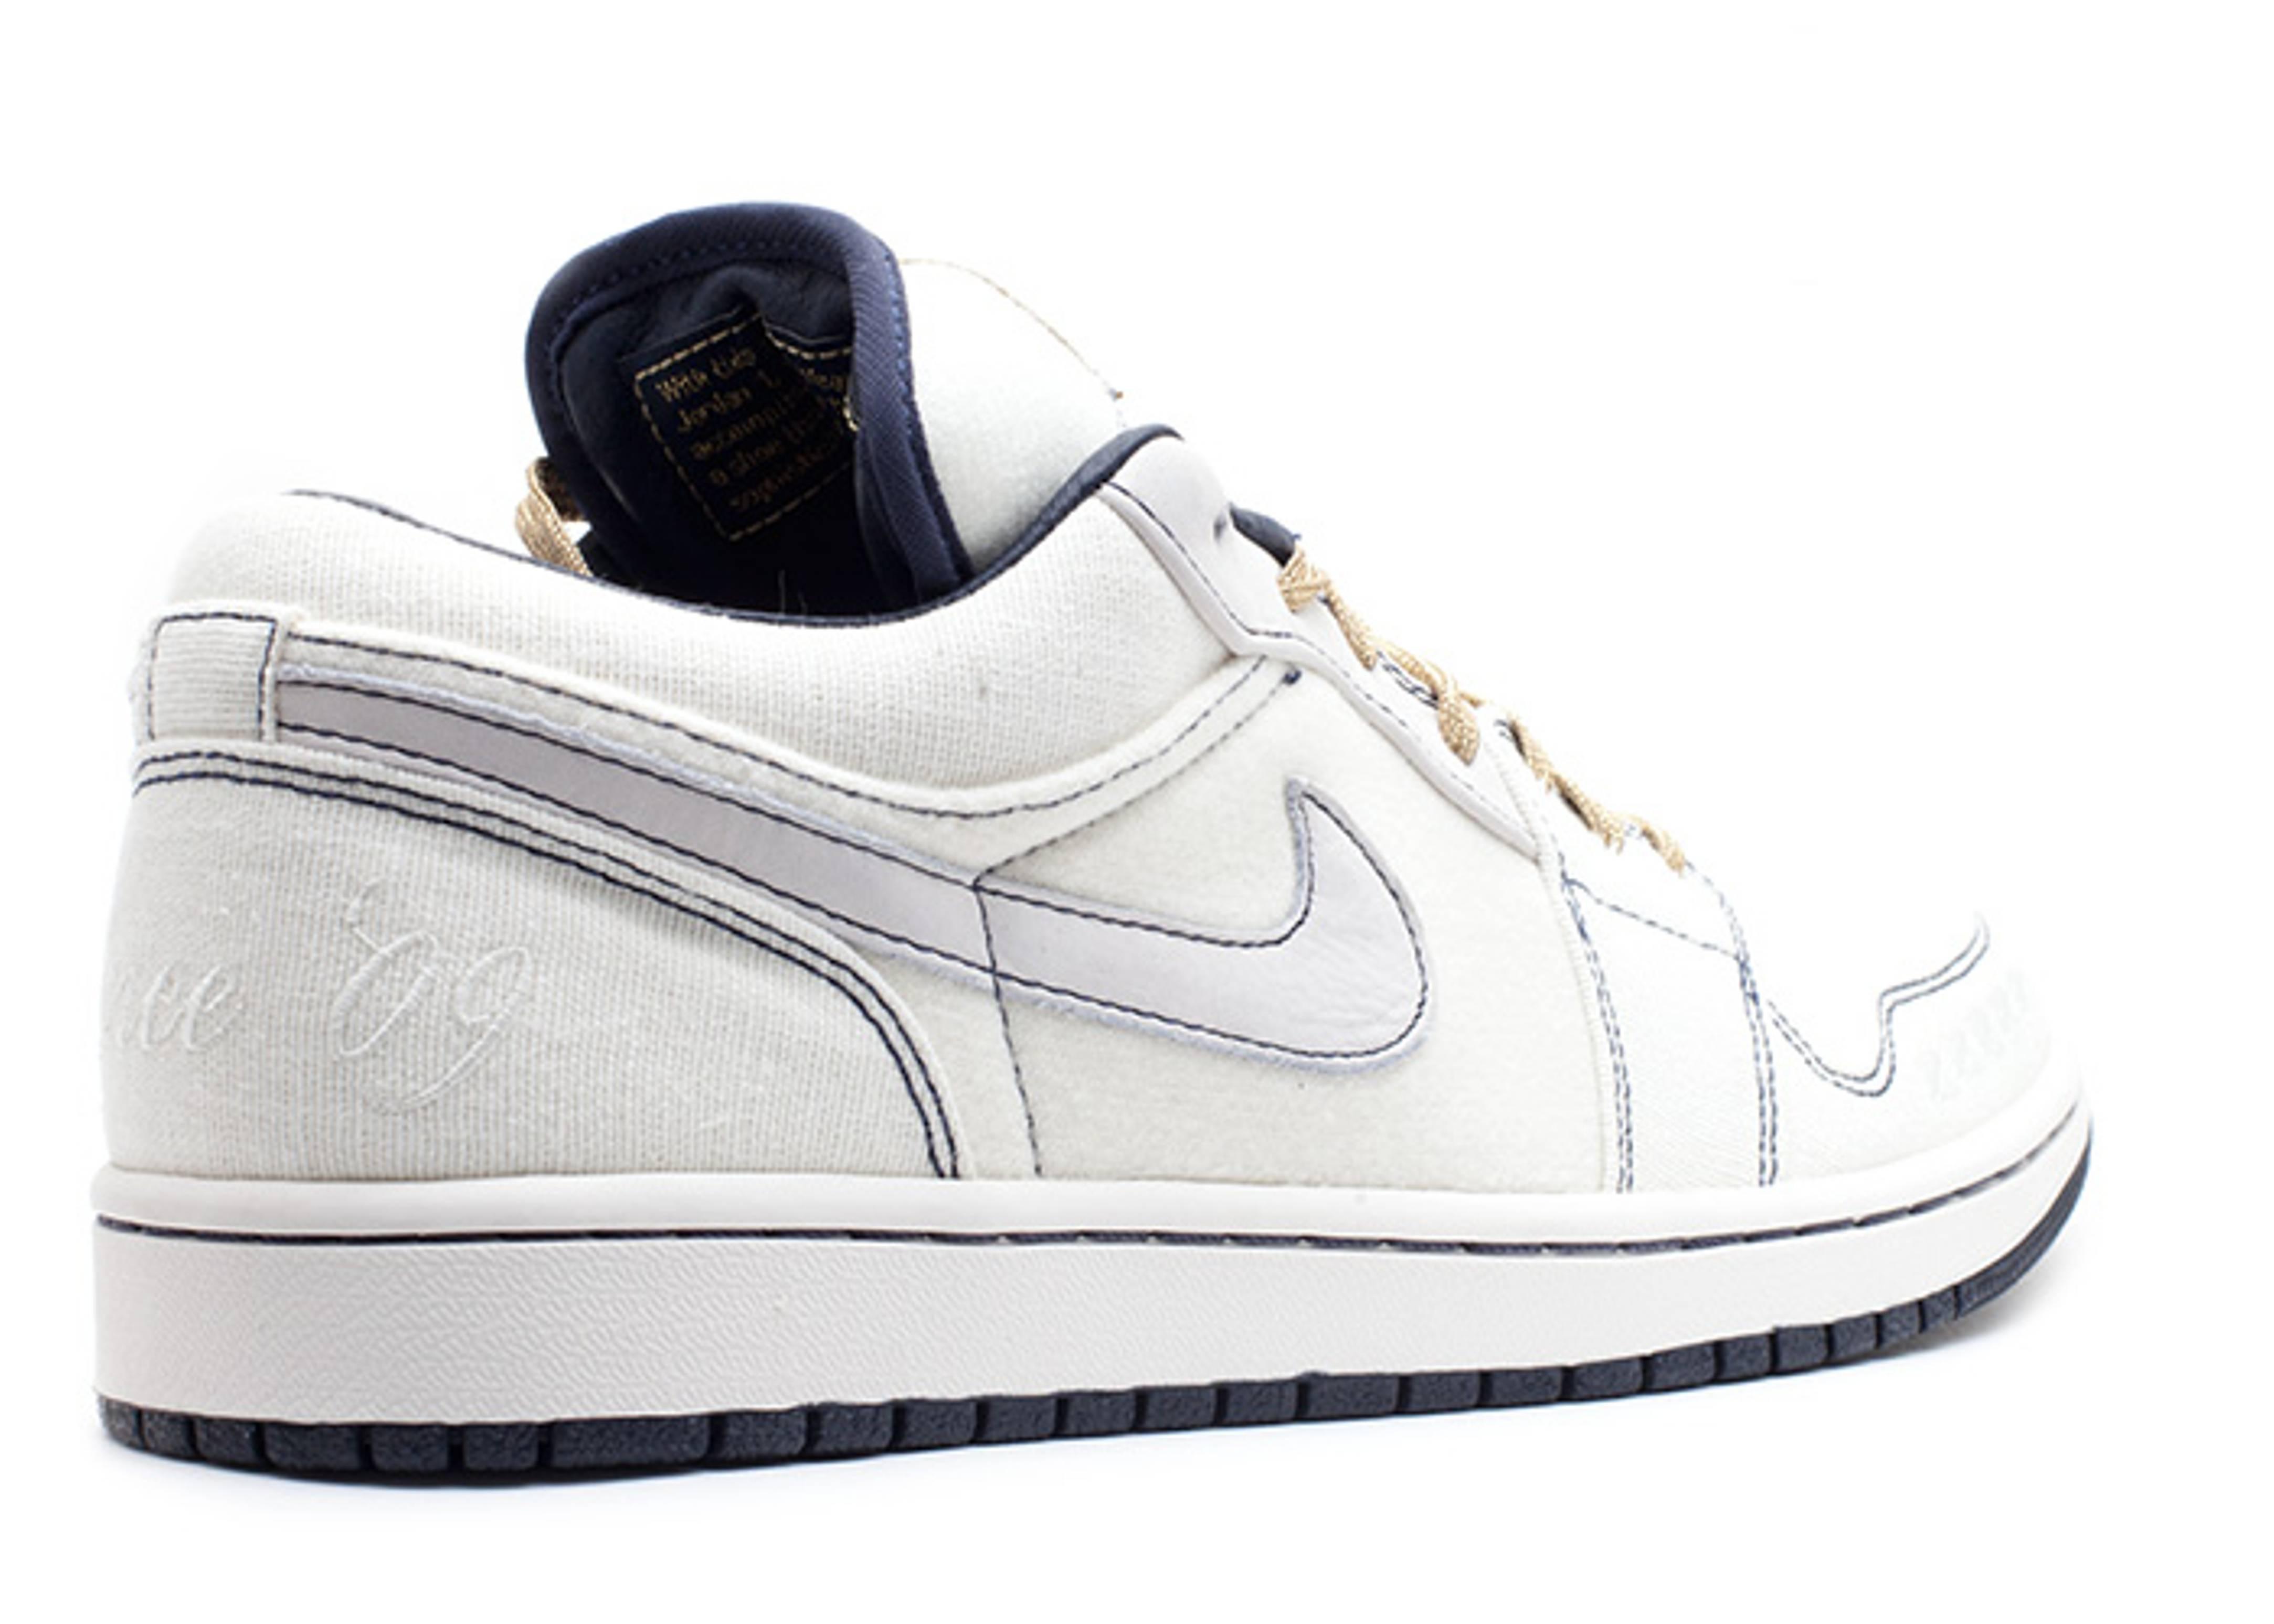 air jordan 1 phat low retro basketball shoes